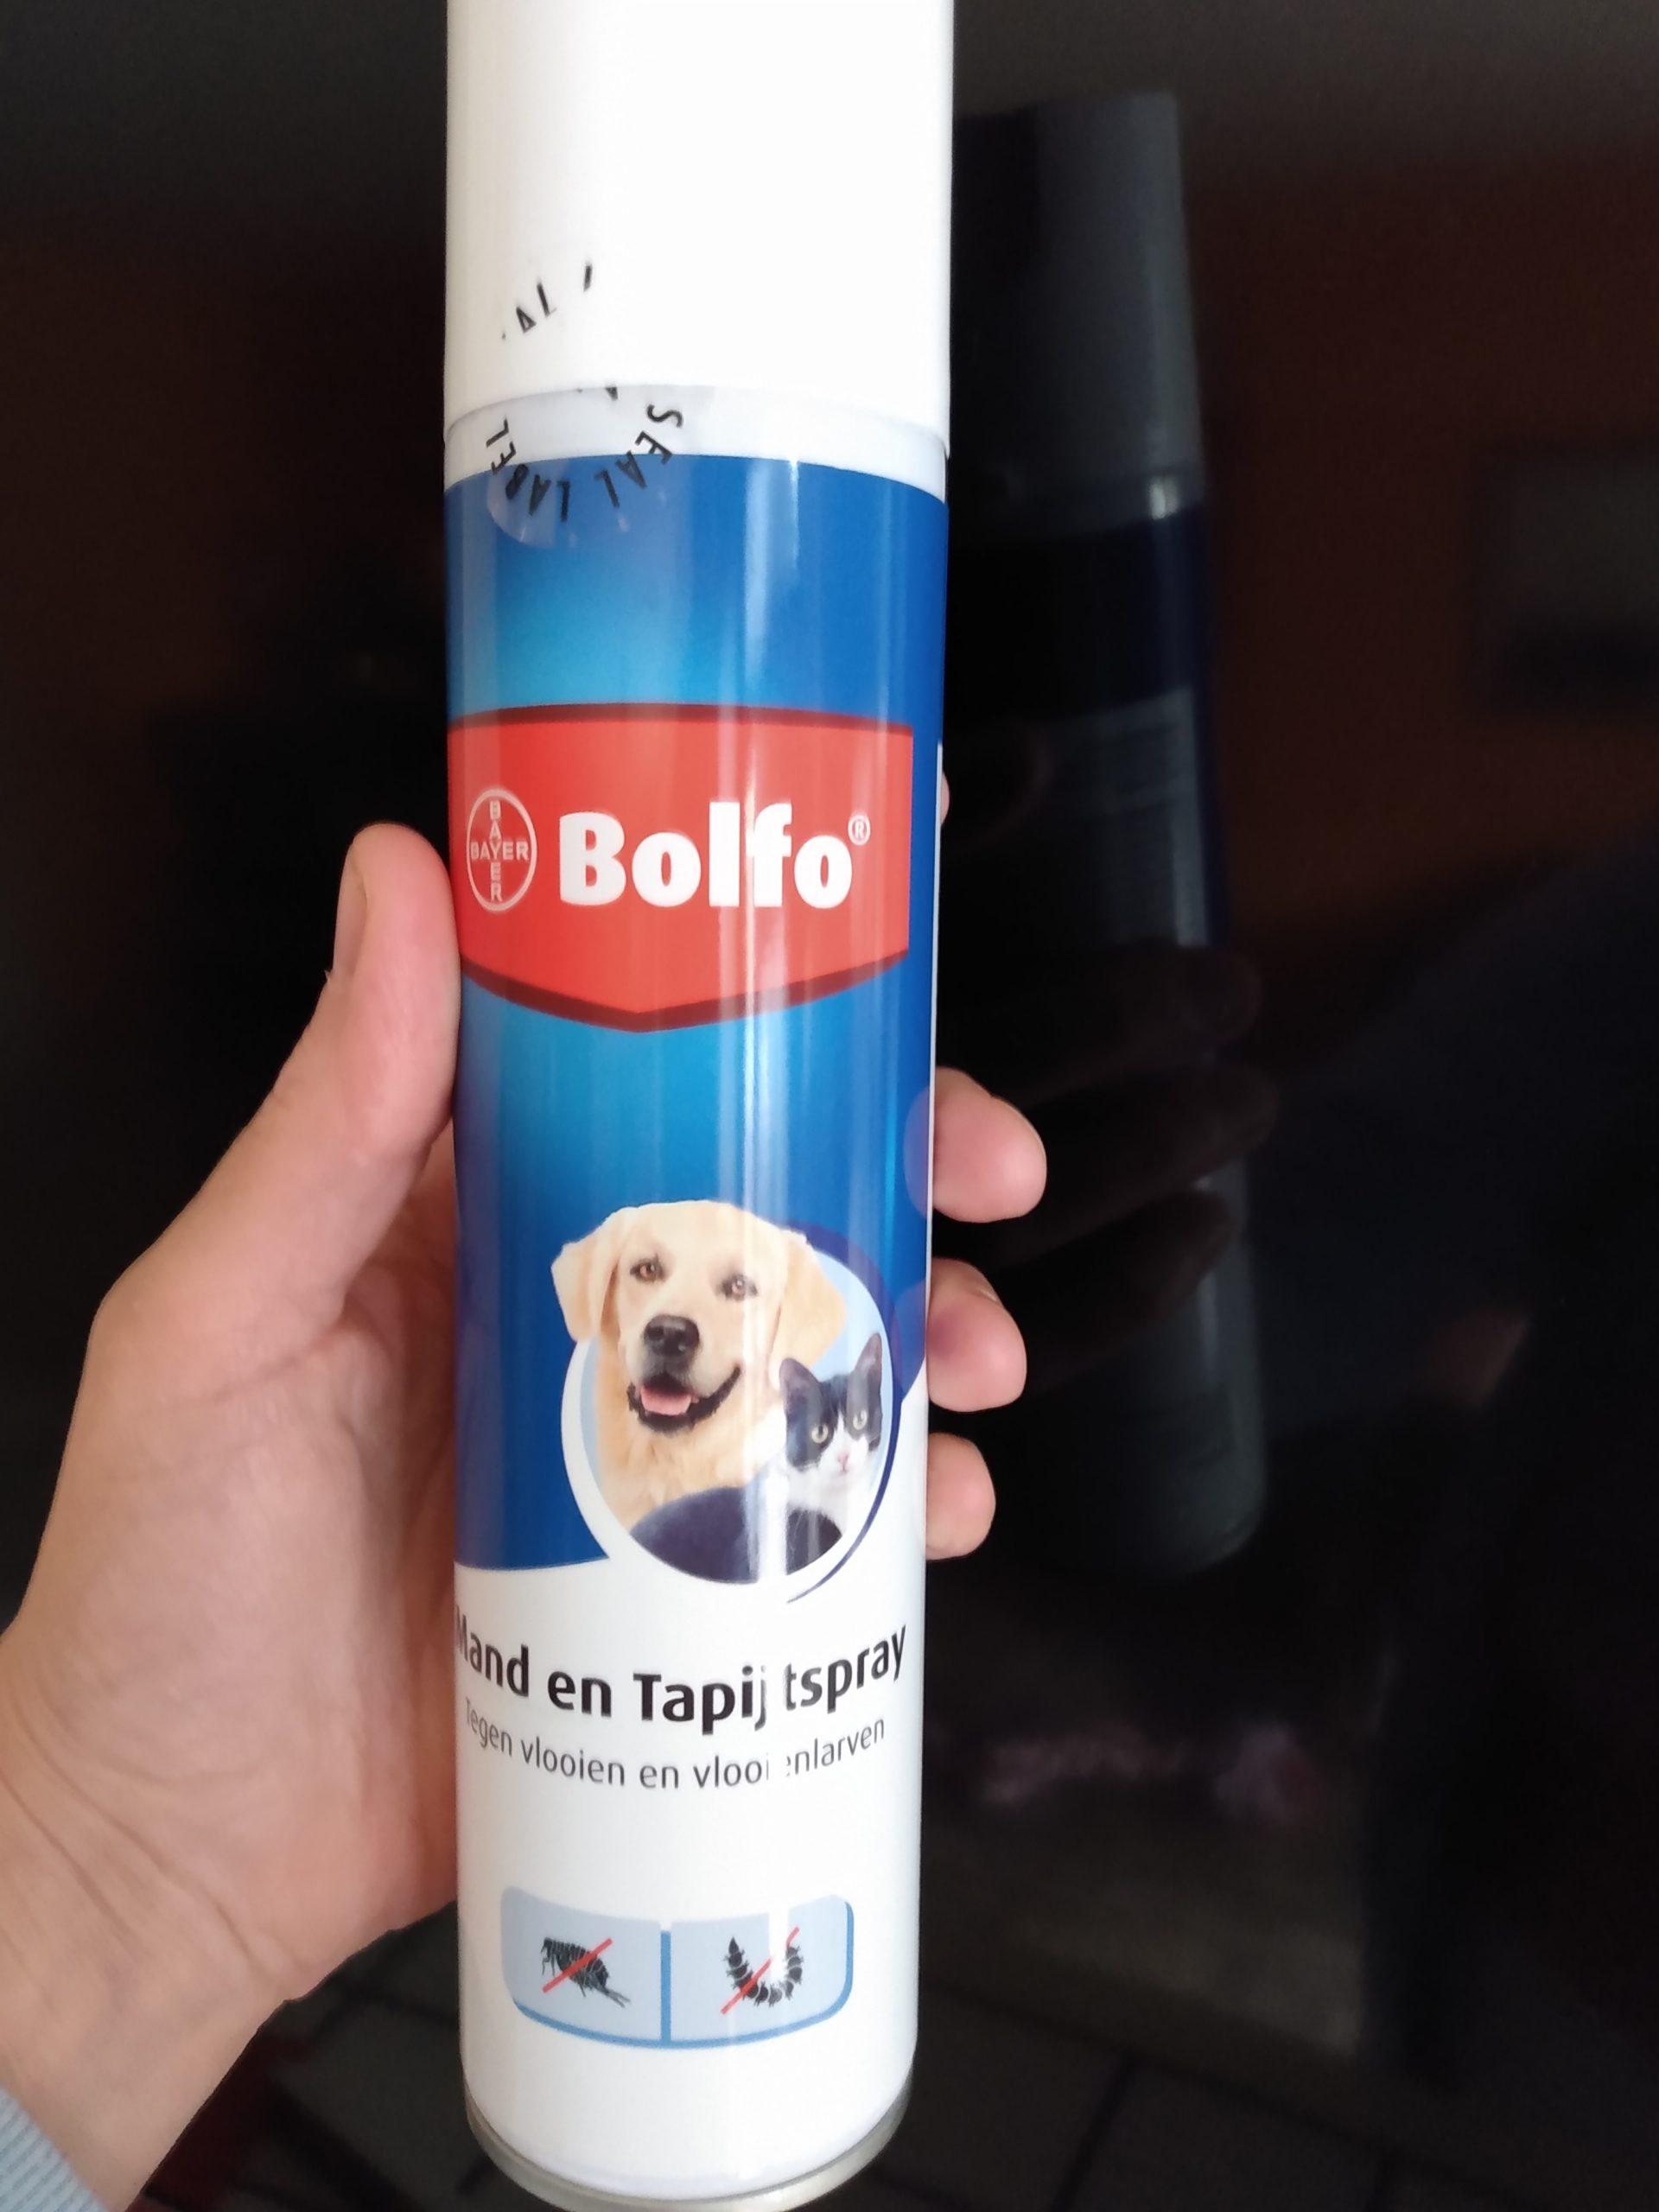 Wij gebruiken de omgevingsspray van Bolfo, die alles doodt.